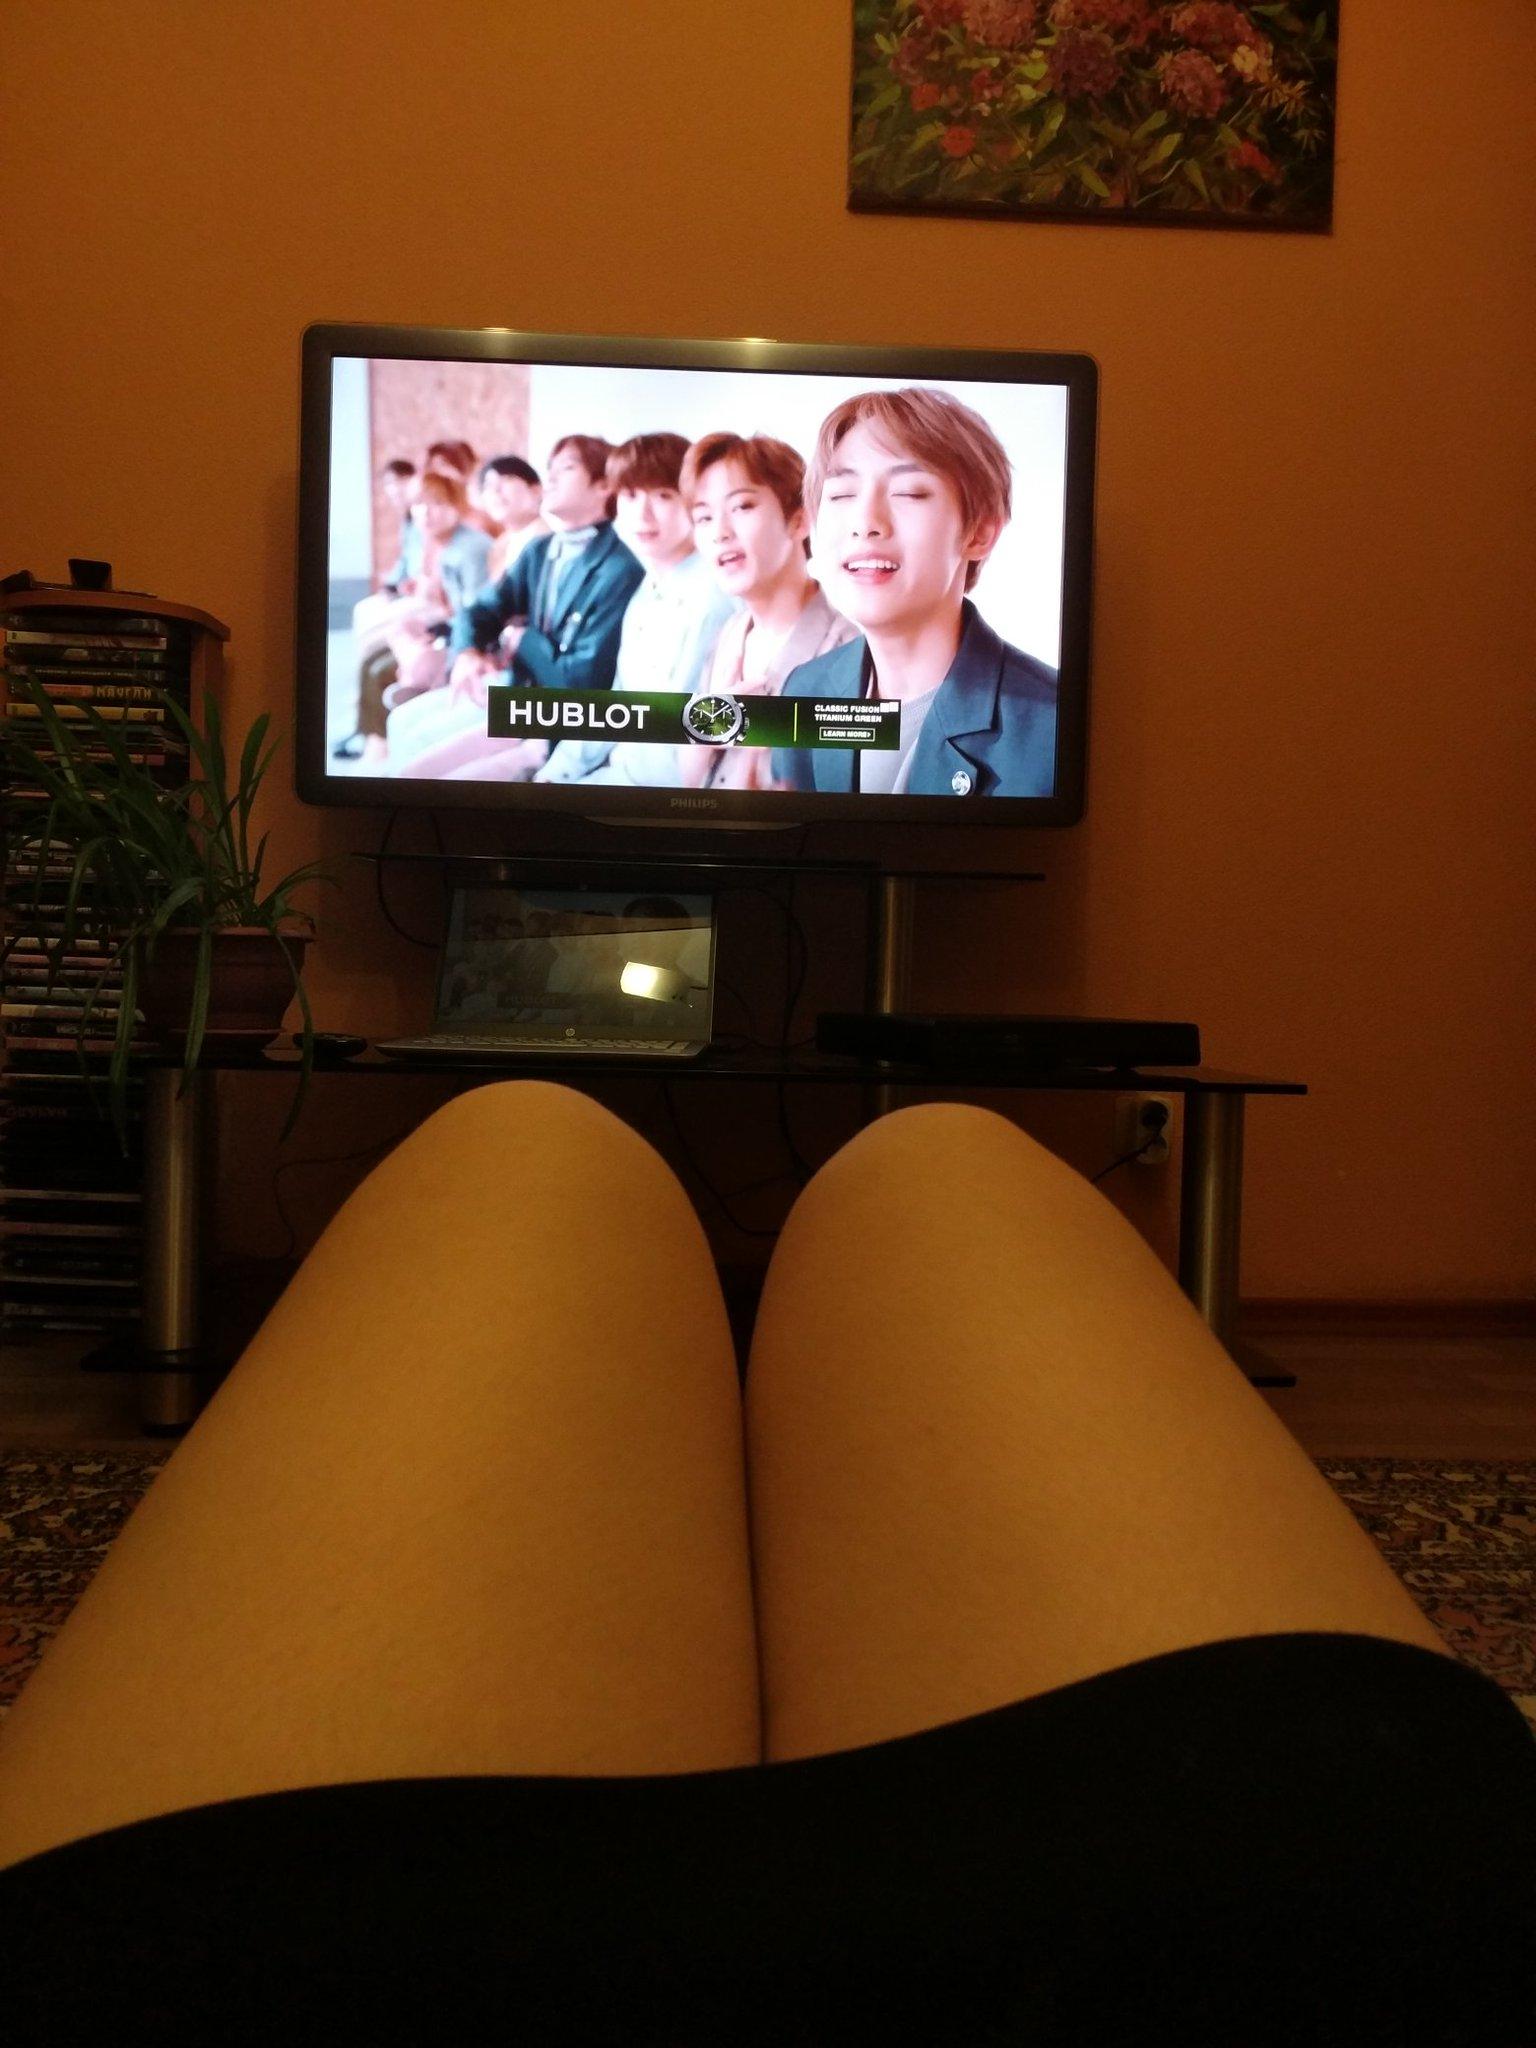 картинка ноги и телевизор субраса имеет лишь